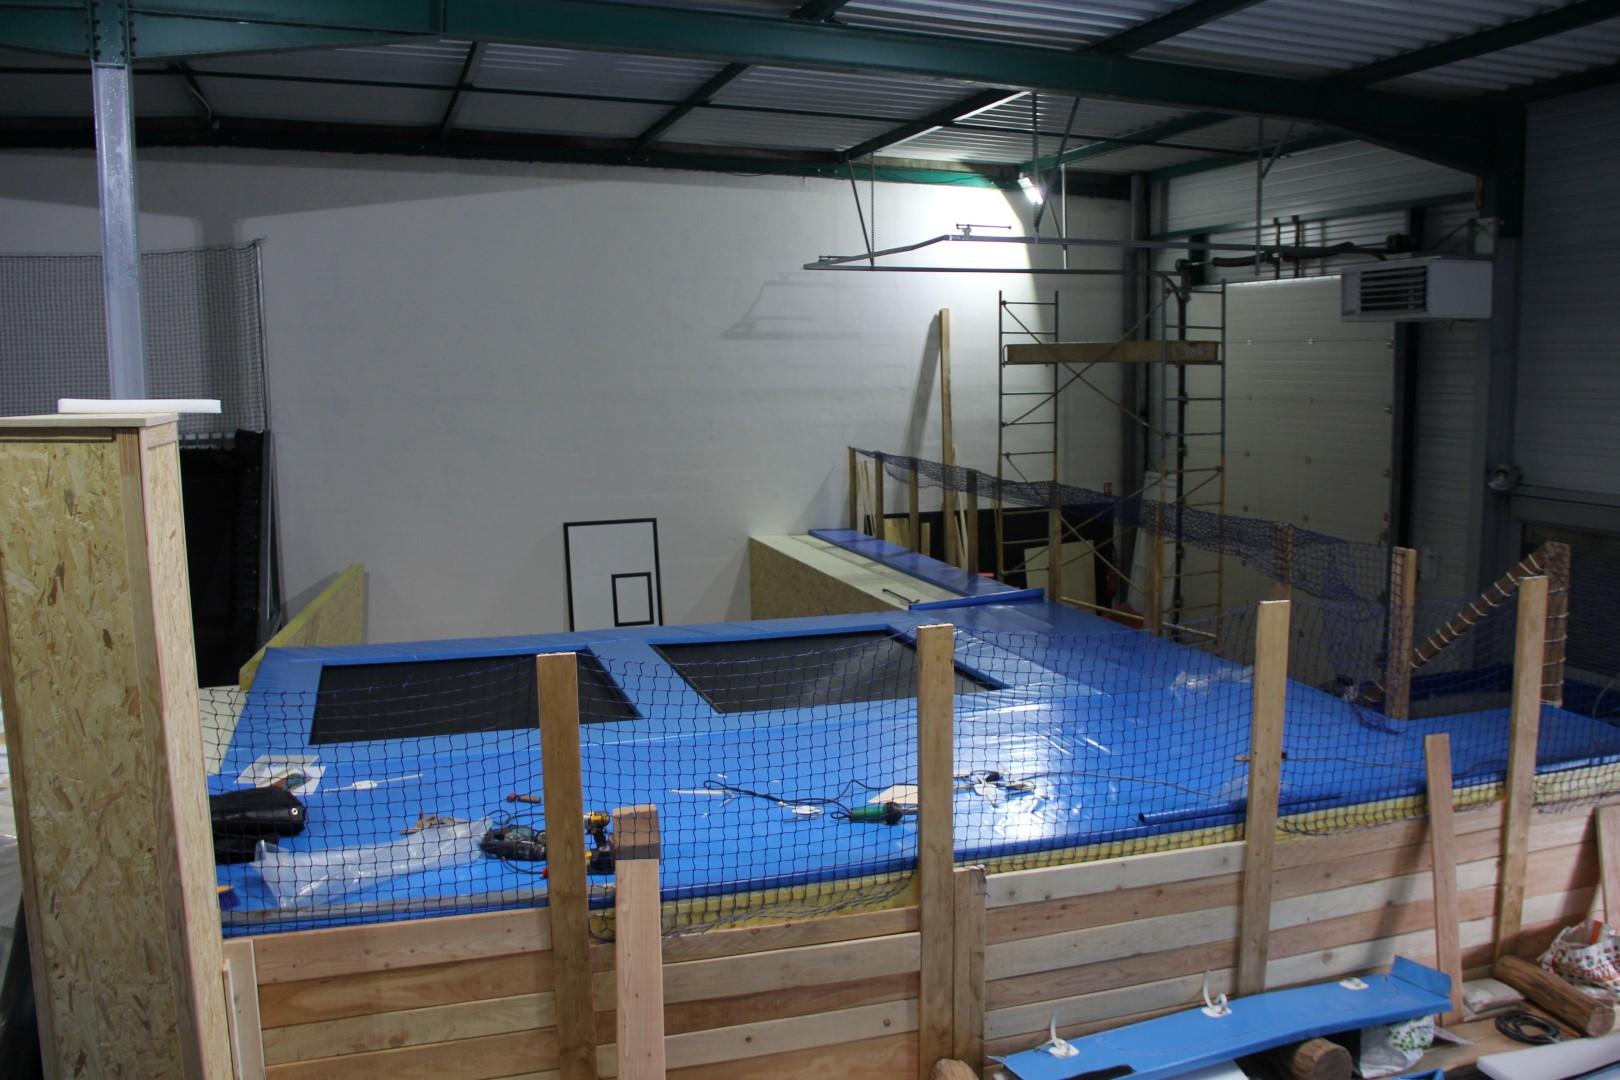 indoor trampoline park in france gladiaball opening april 2015 hajump trampolines. Black Bedroom Furniture Sets. Home Design Ideas